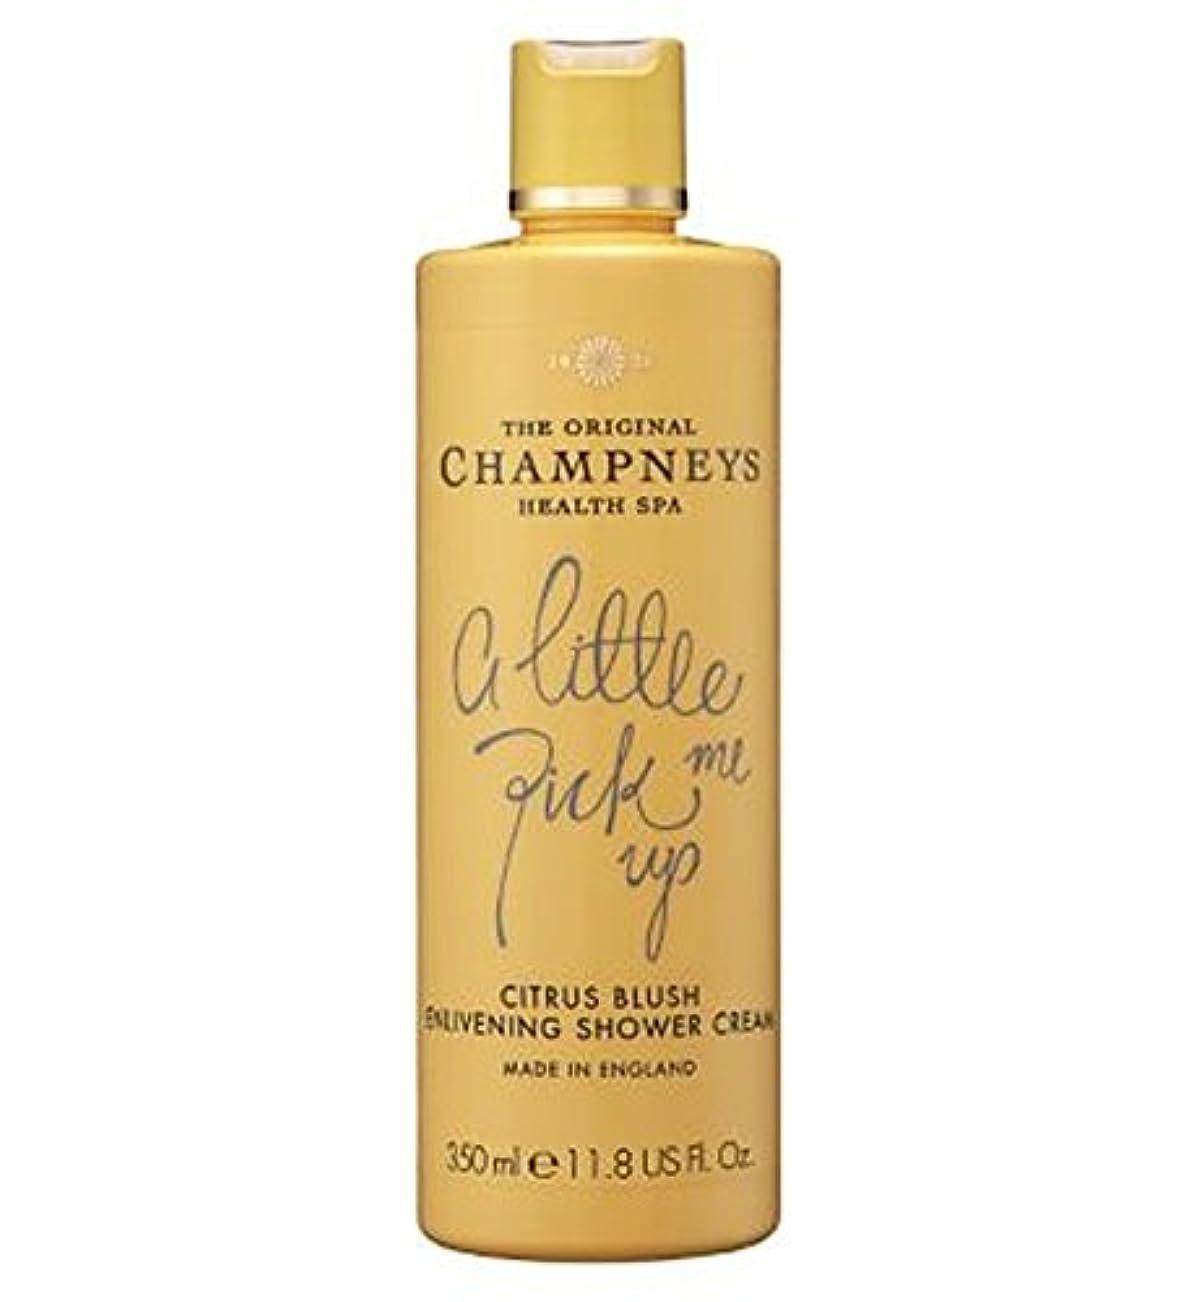 ゴルフ電池欺Champneys Citrus Blush Enlivening Shower Cream 350ml - チャンプニーズシトラス赤面盛り上げシャワークリーム350ミリリットル (Champneys) [並行輸入品]